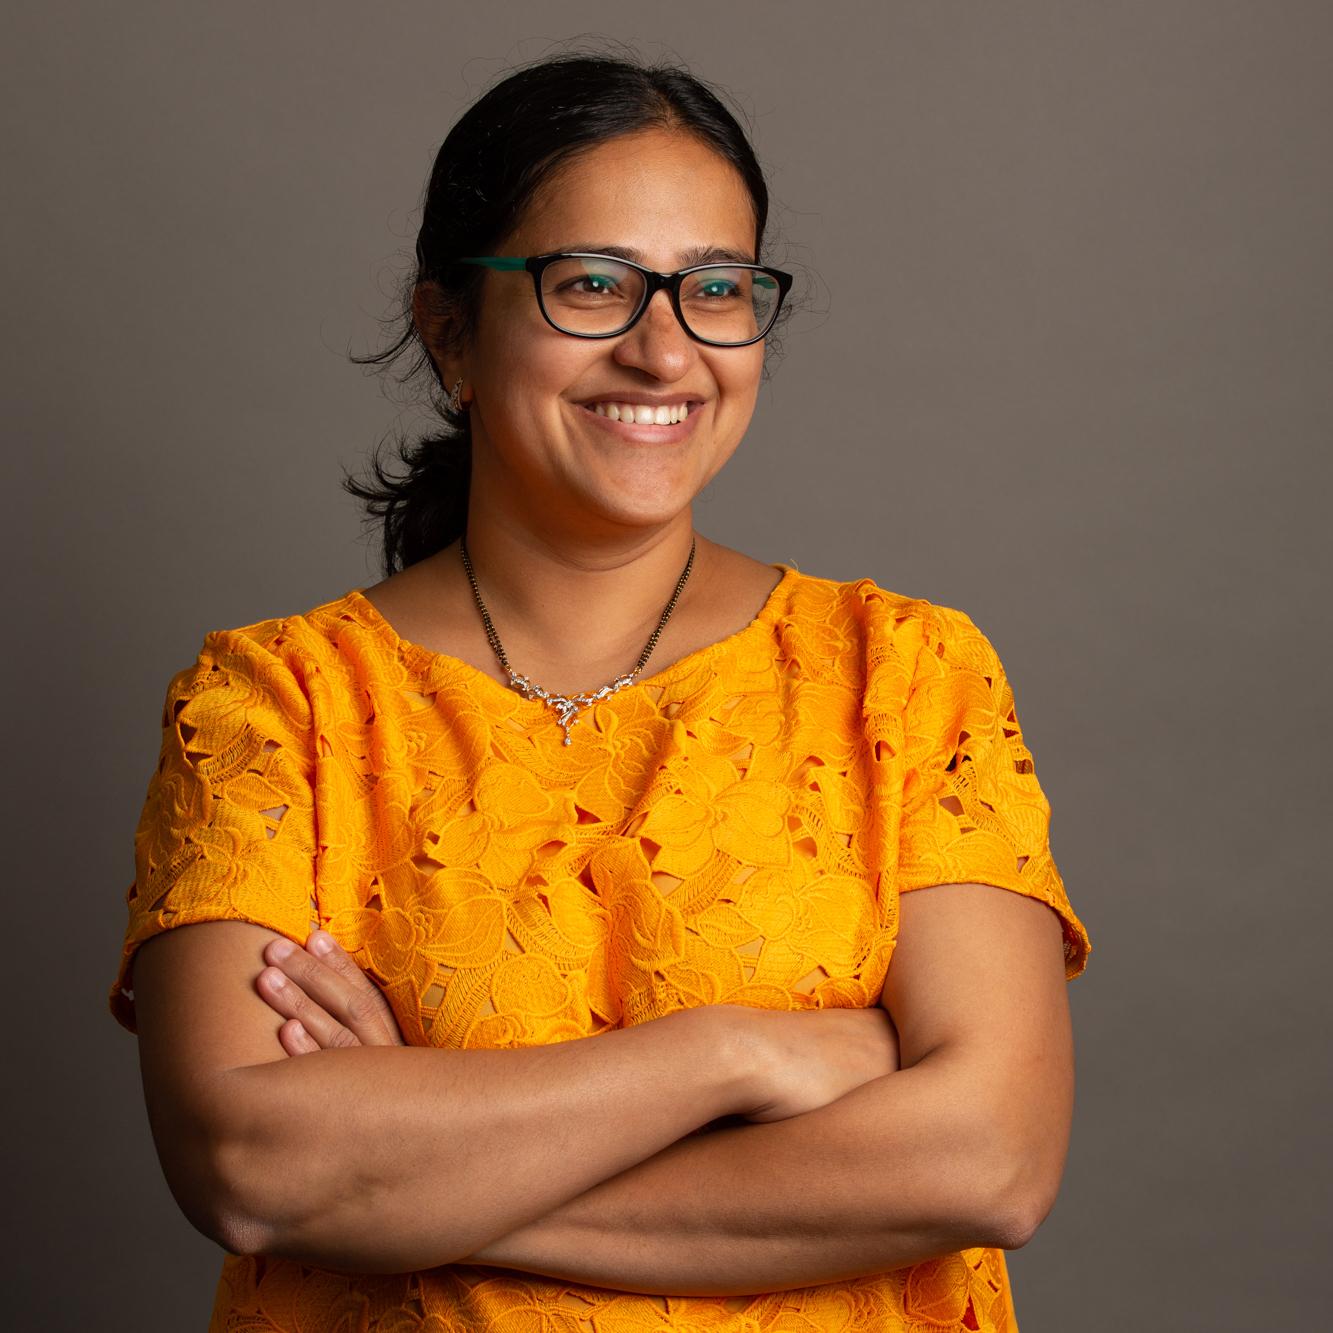 Sameera Deshpande